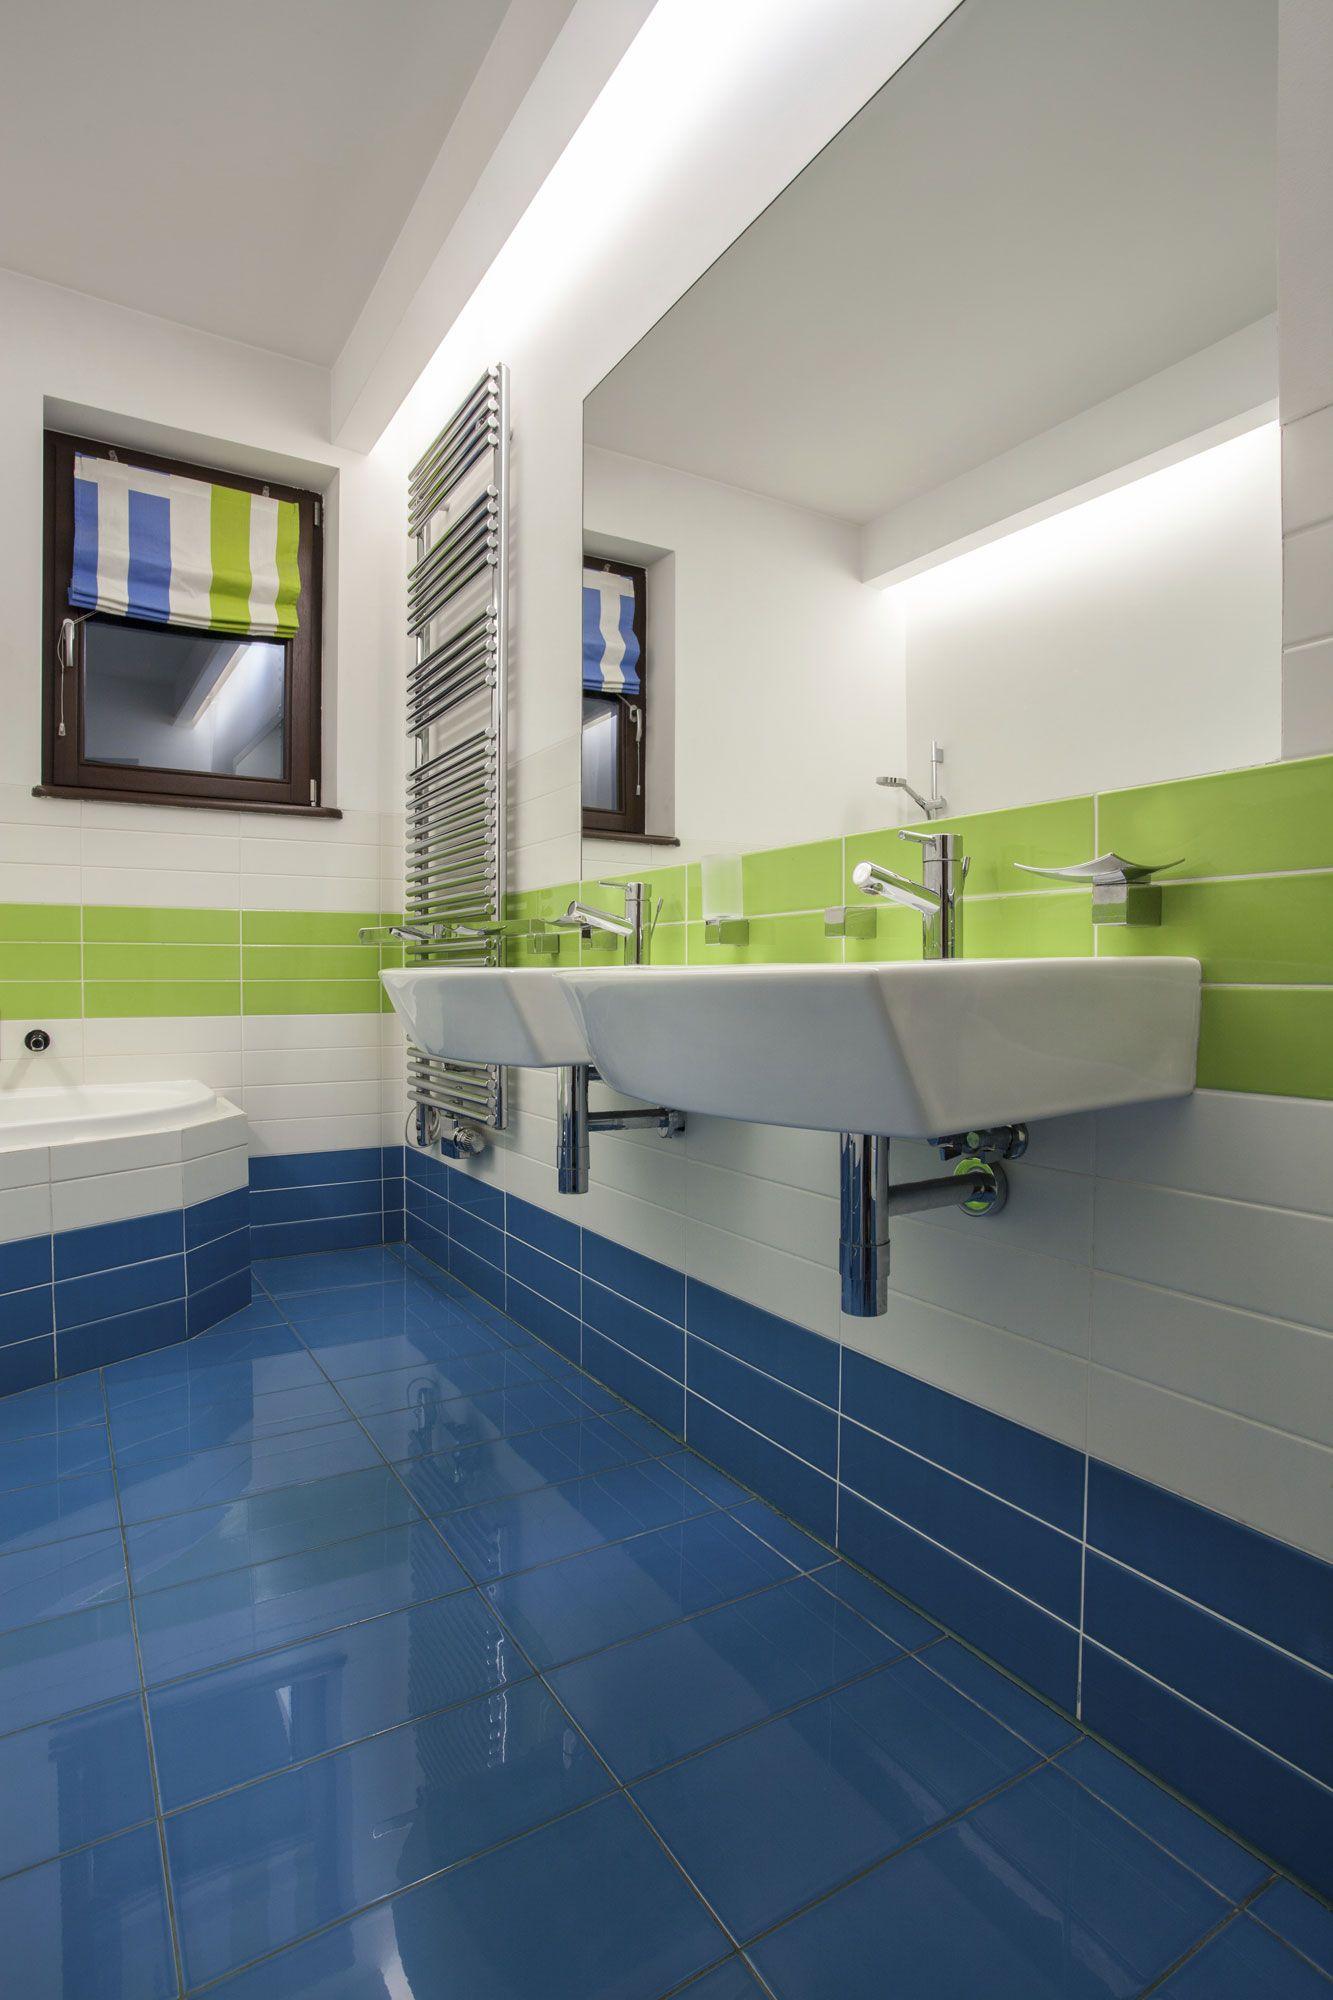 Decoraci n de ba o en verde y azul hogarmania - Banos azules decoracion ...